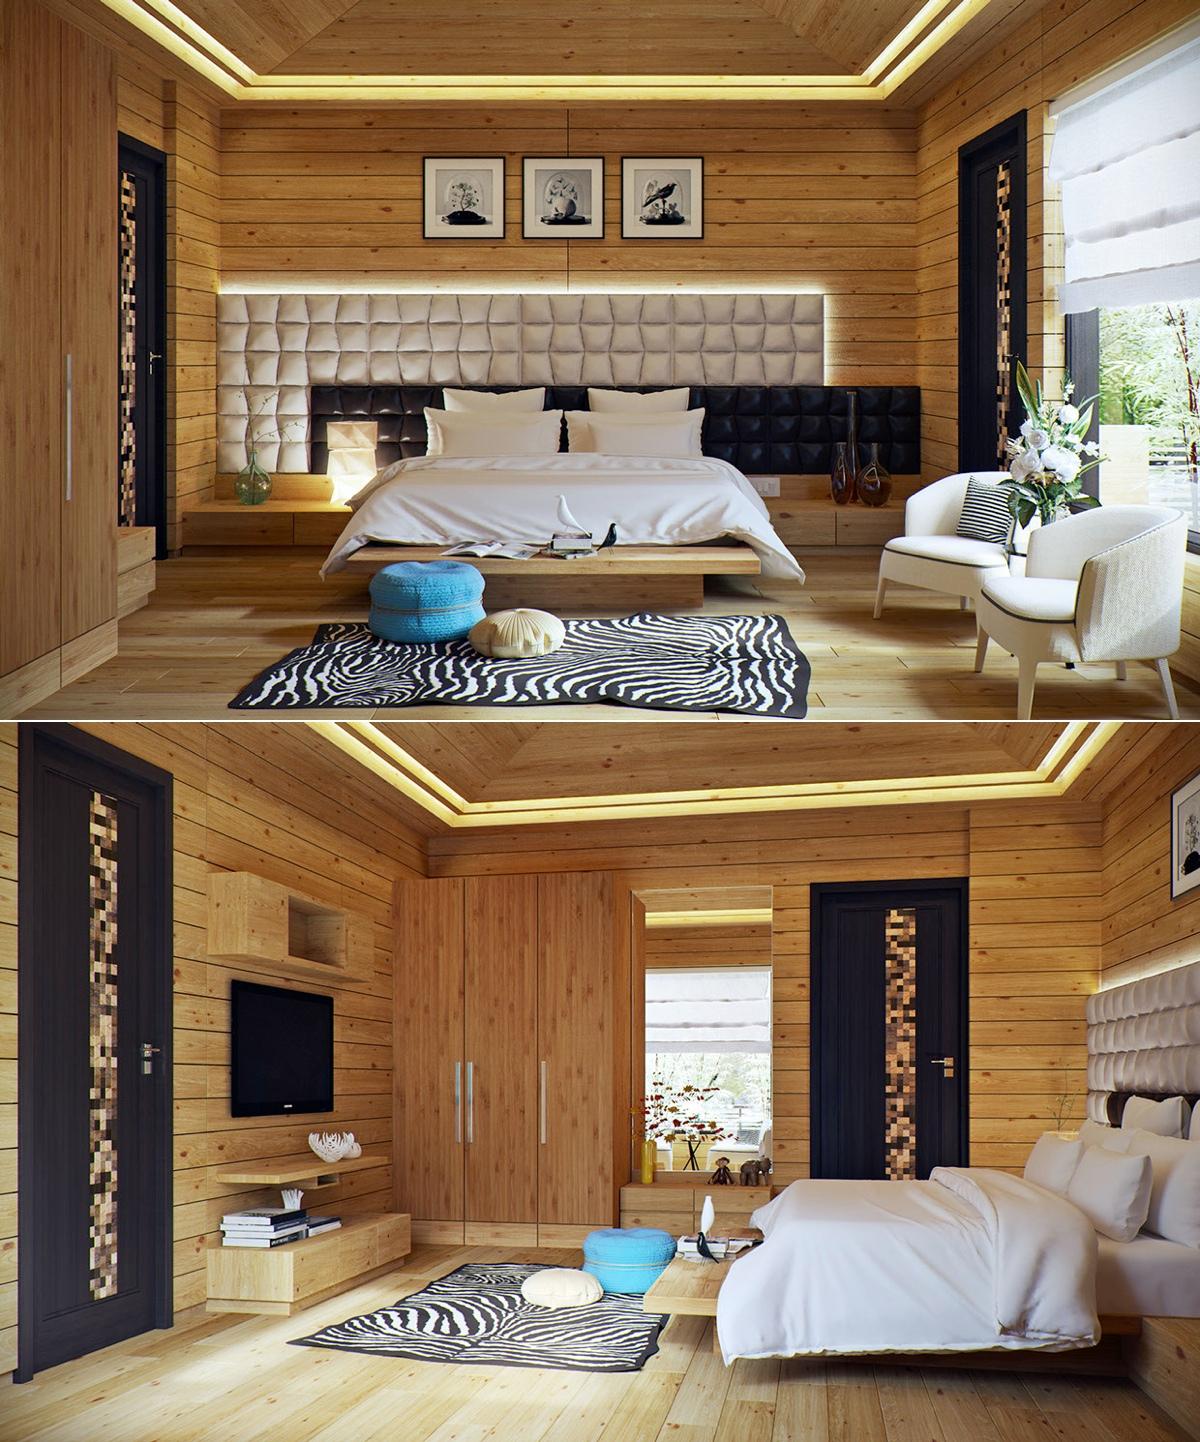 33 Modern Style Cozy Wooden Kitchen Design Ideas: Interior Design Ideas